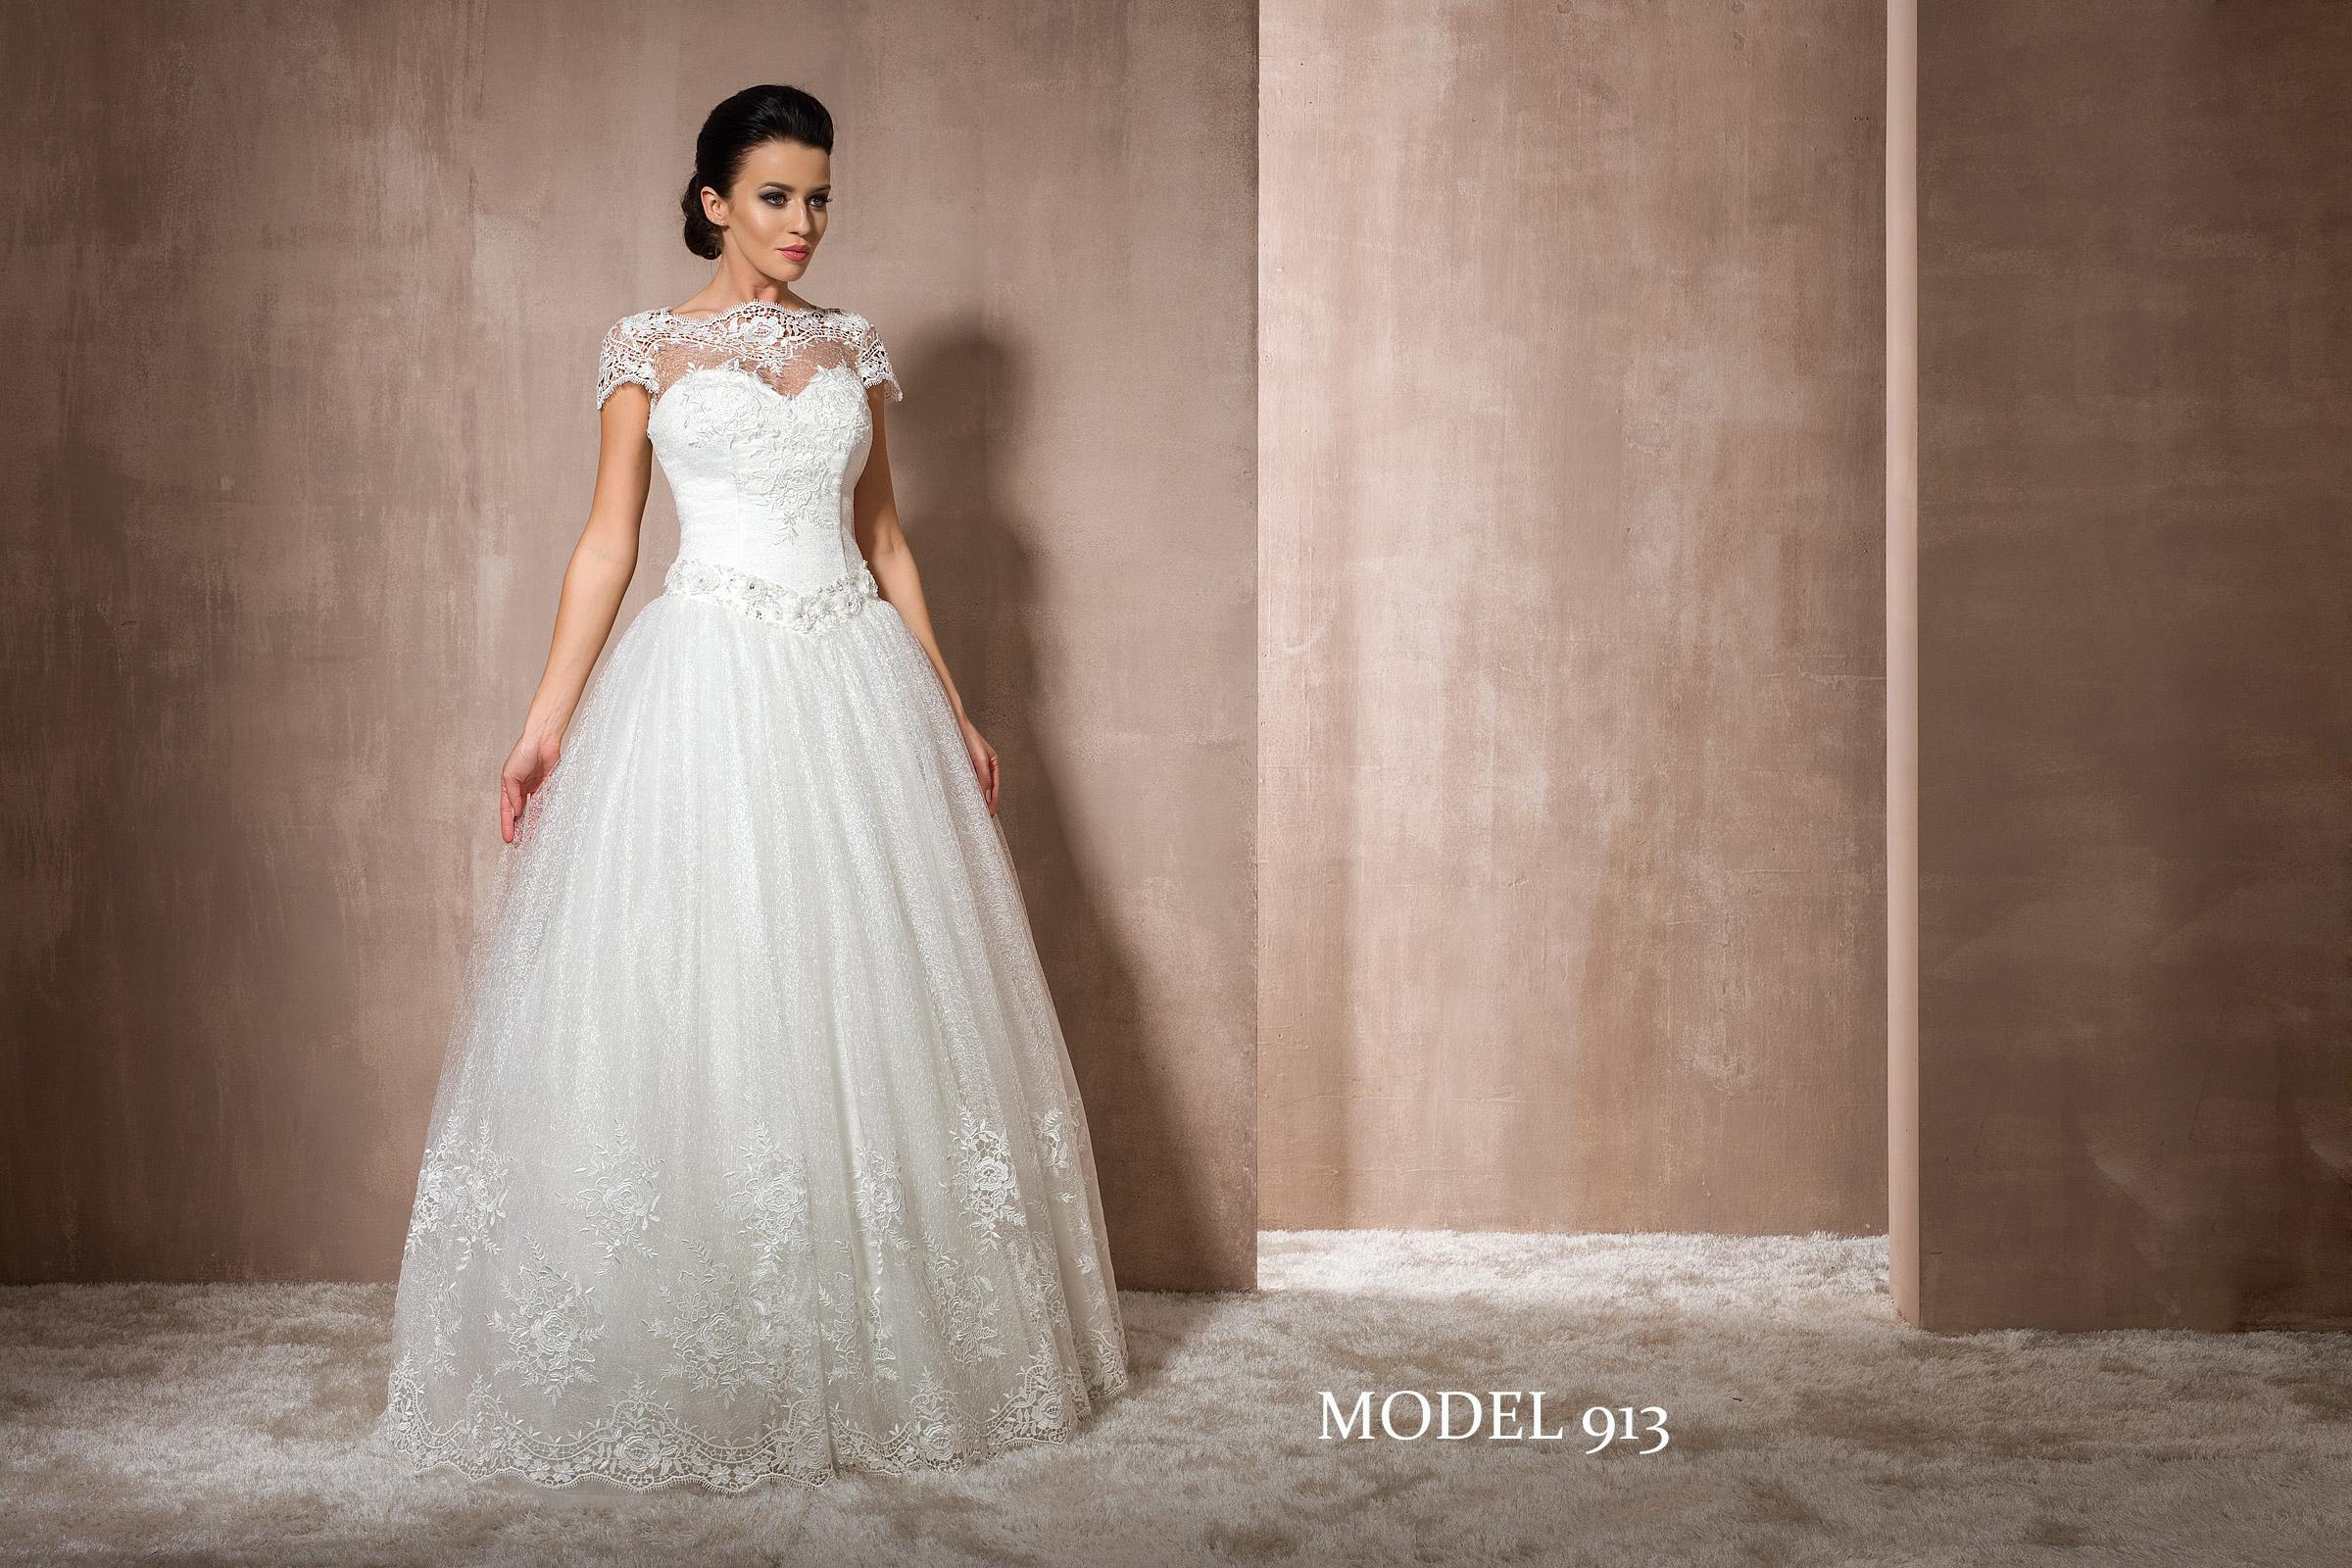 kareen firmowy salon Ślubny bielskobia�a suknie ślubne